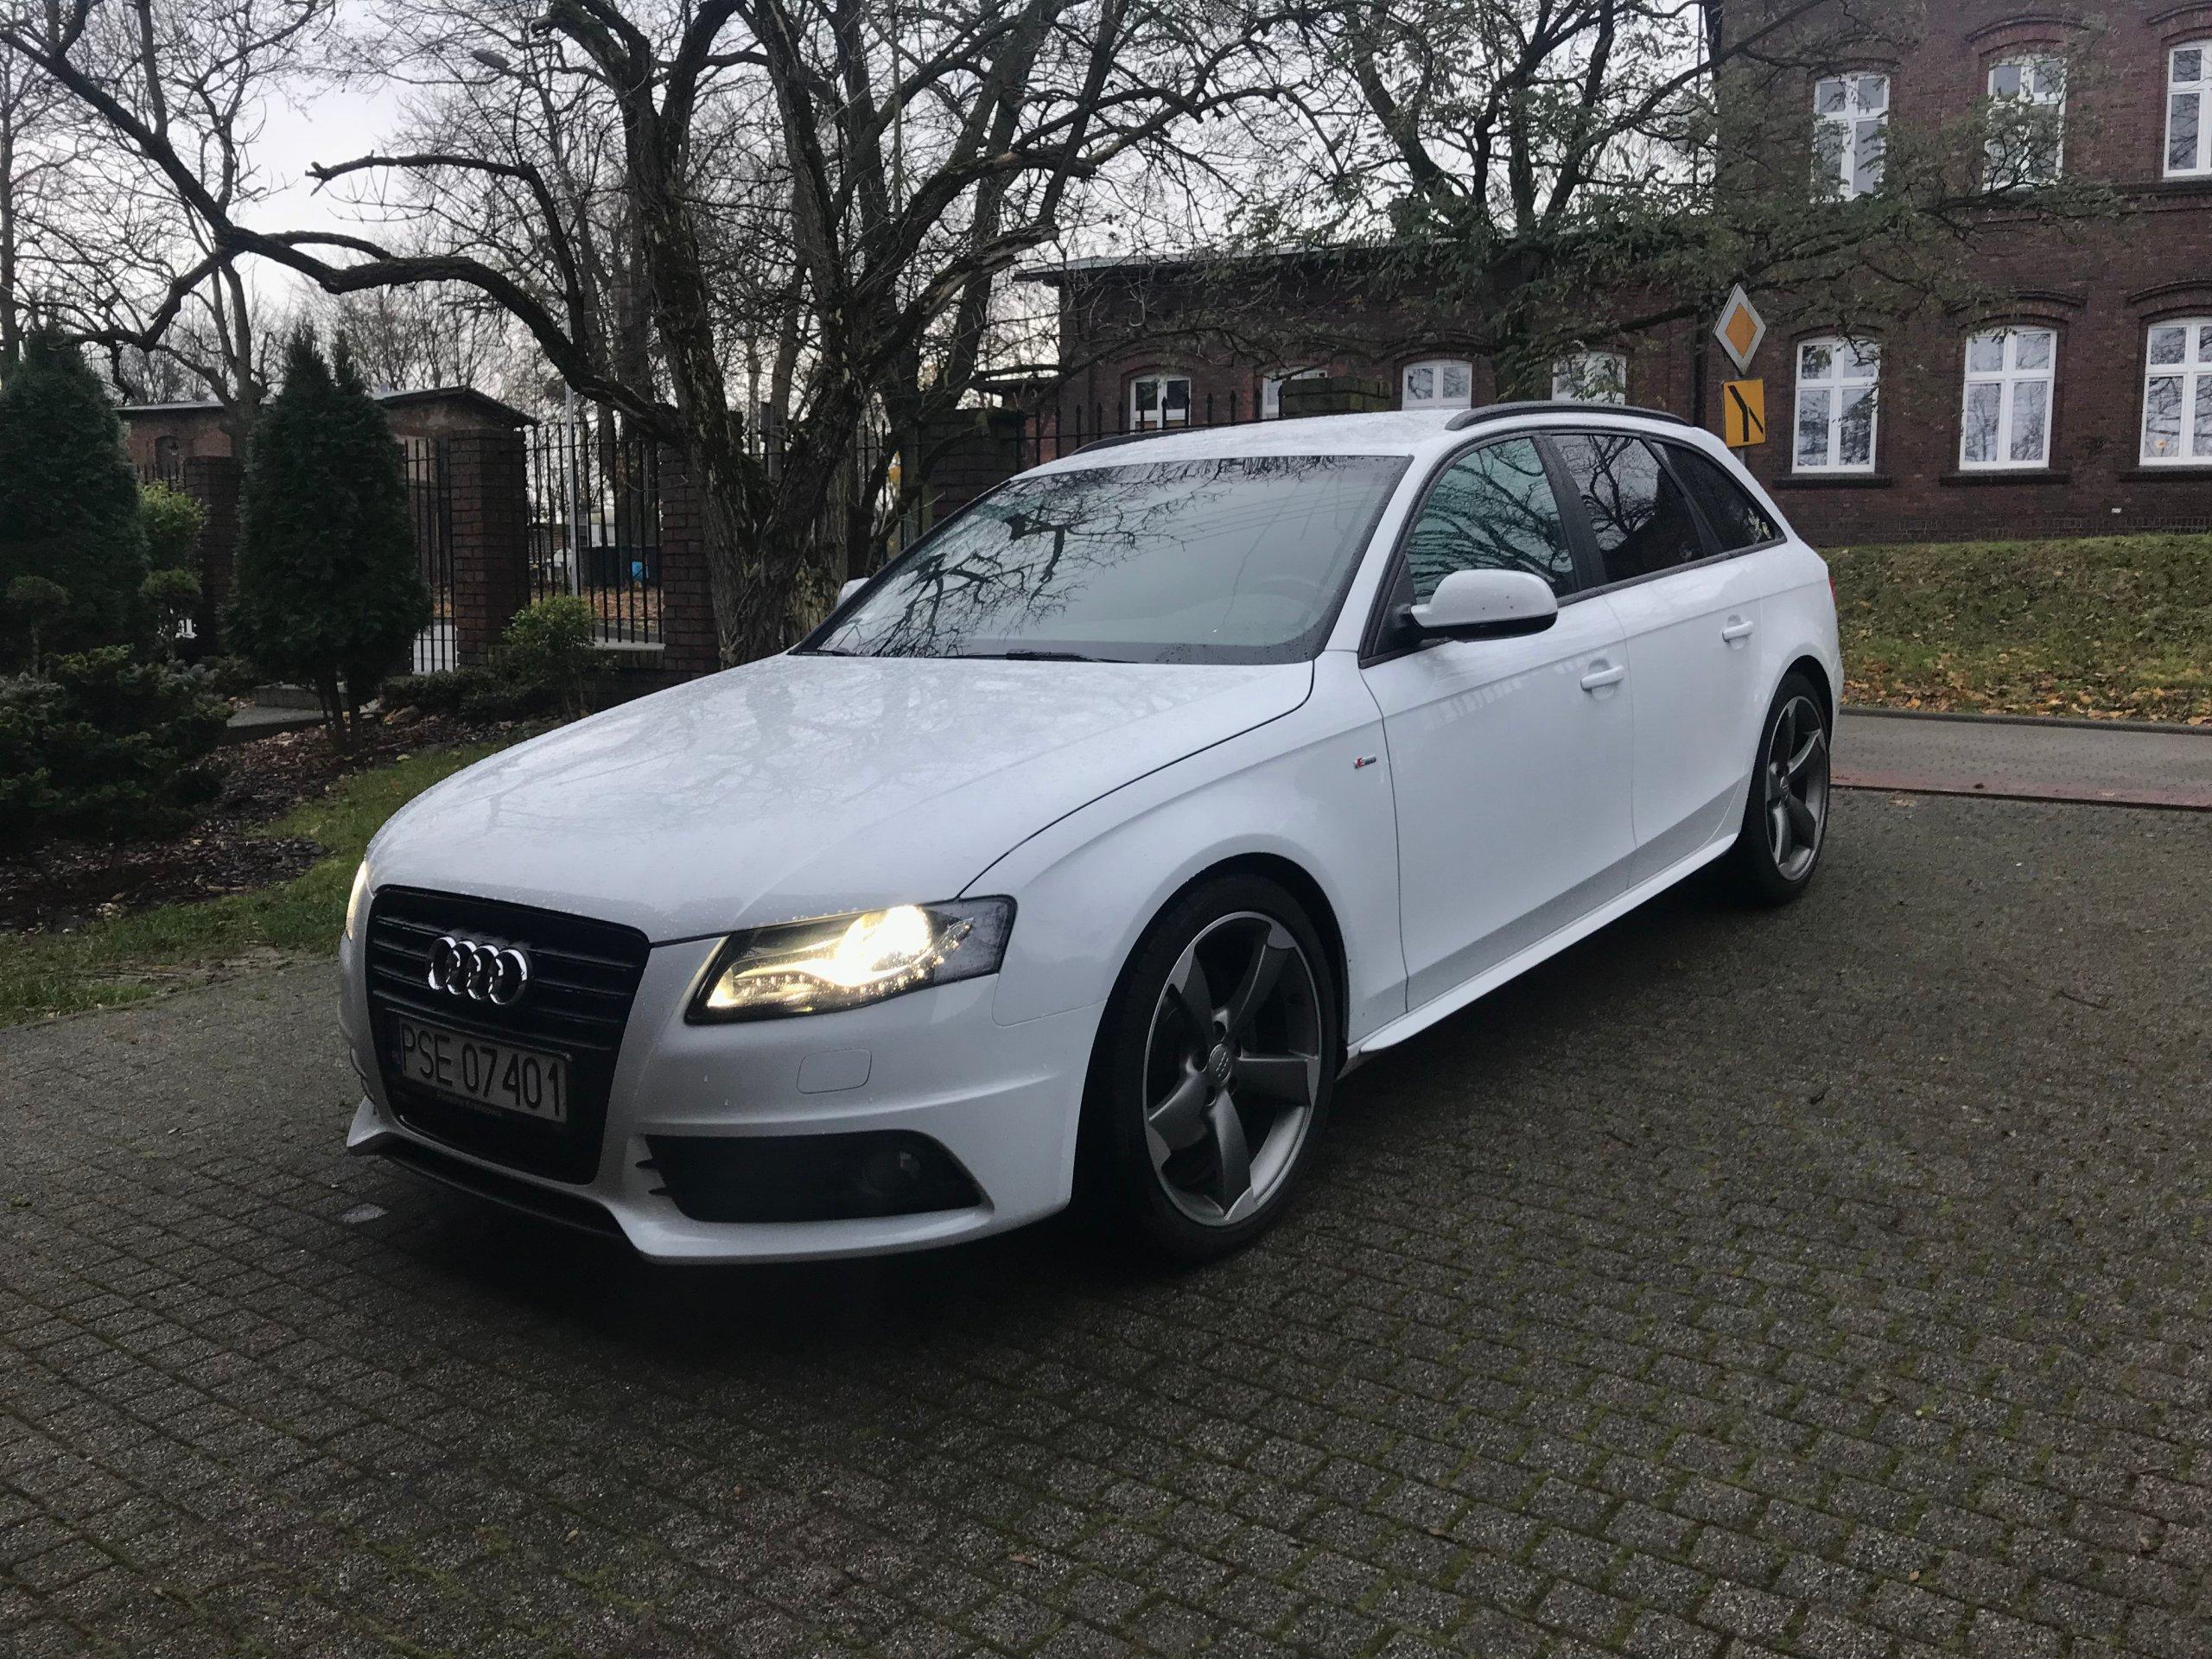 Audi A4 B8 Sline Avant Pierwszy Właściciel 7066712124 Oficjalne